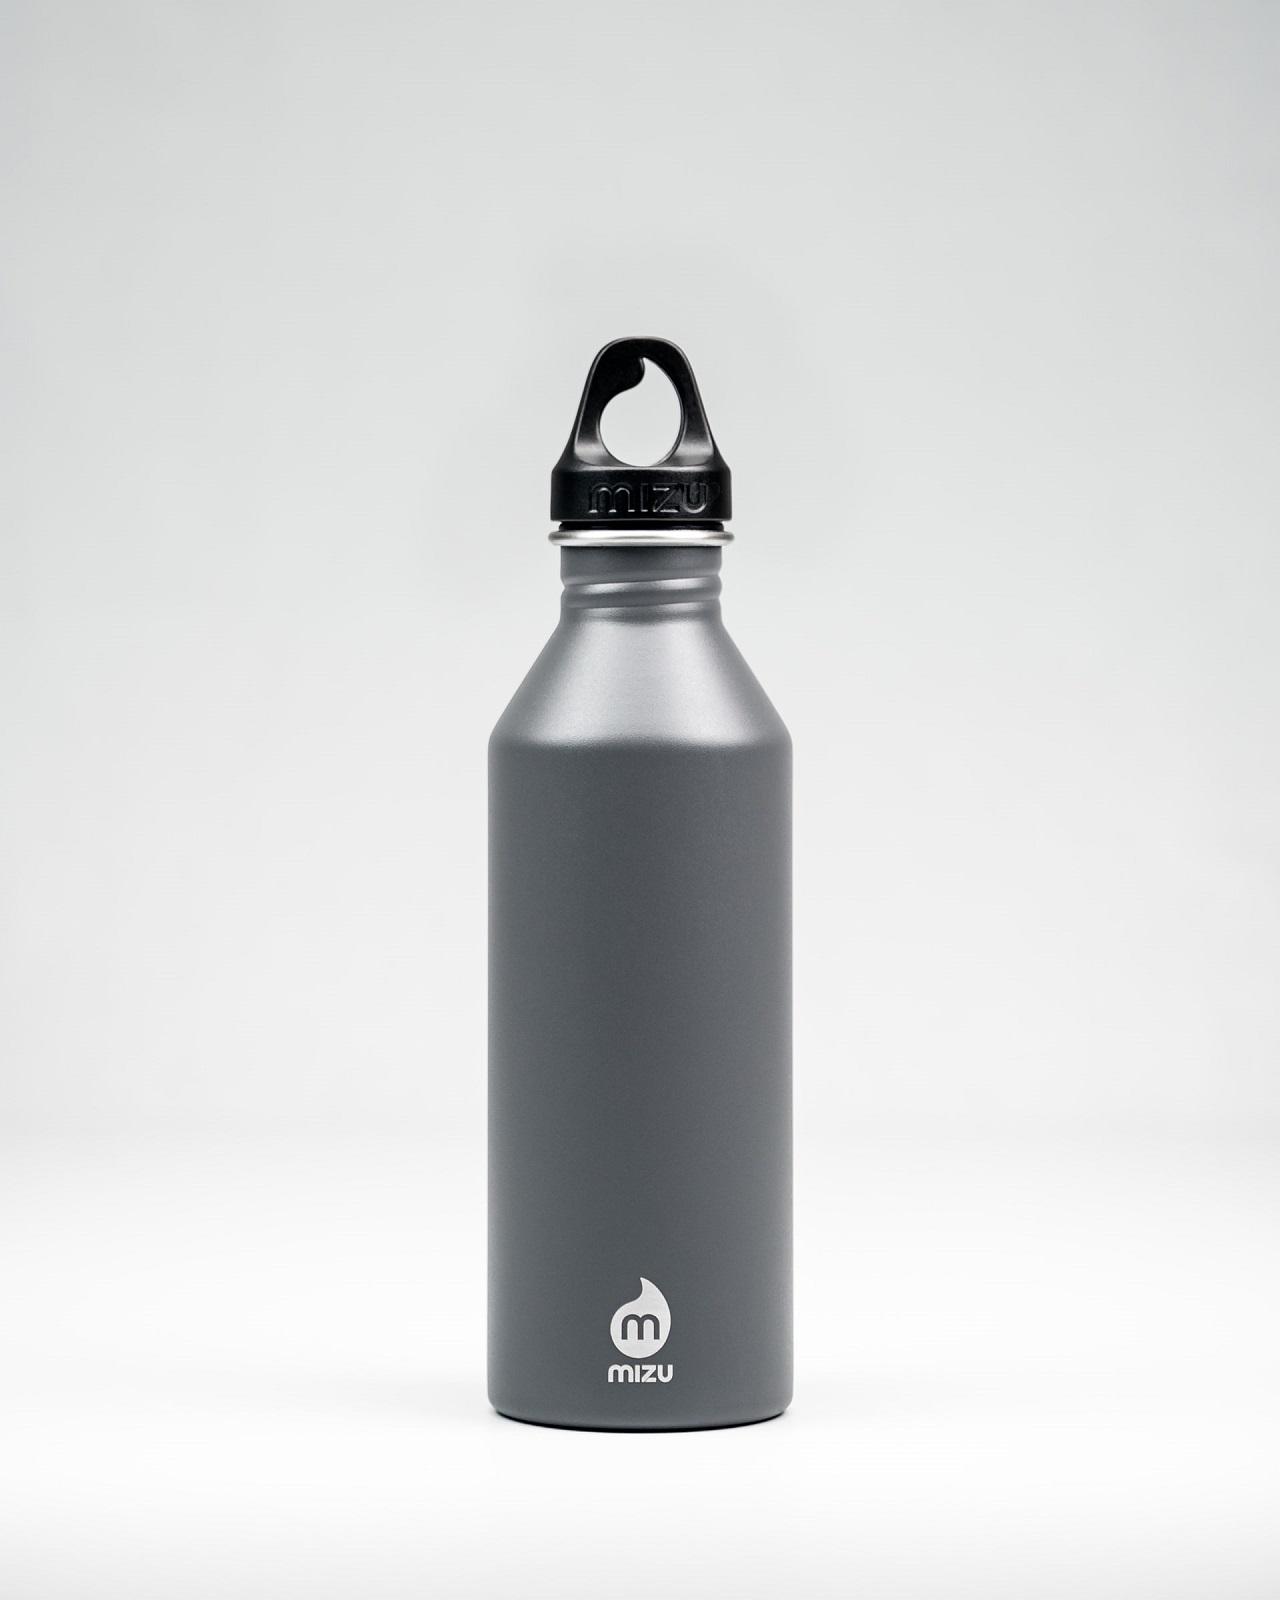 Alu-Trinkflaschen gibt es in unterschiedlichen Designs und Größen.